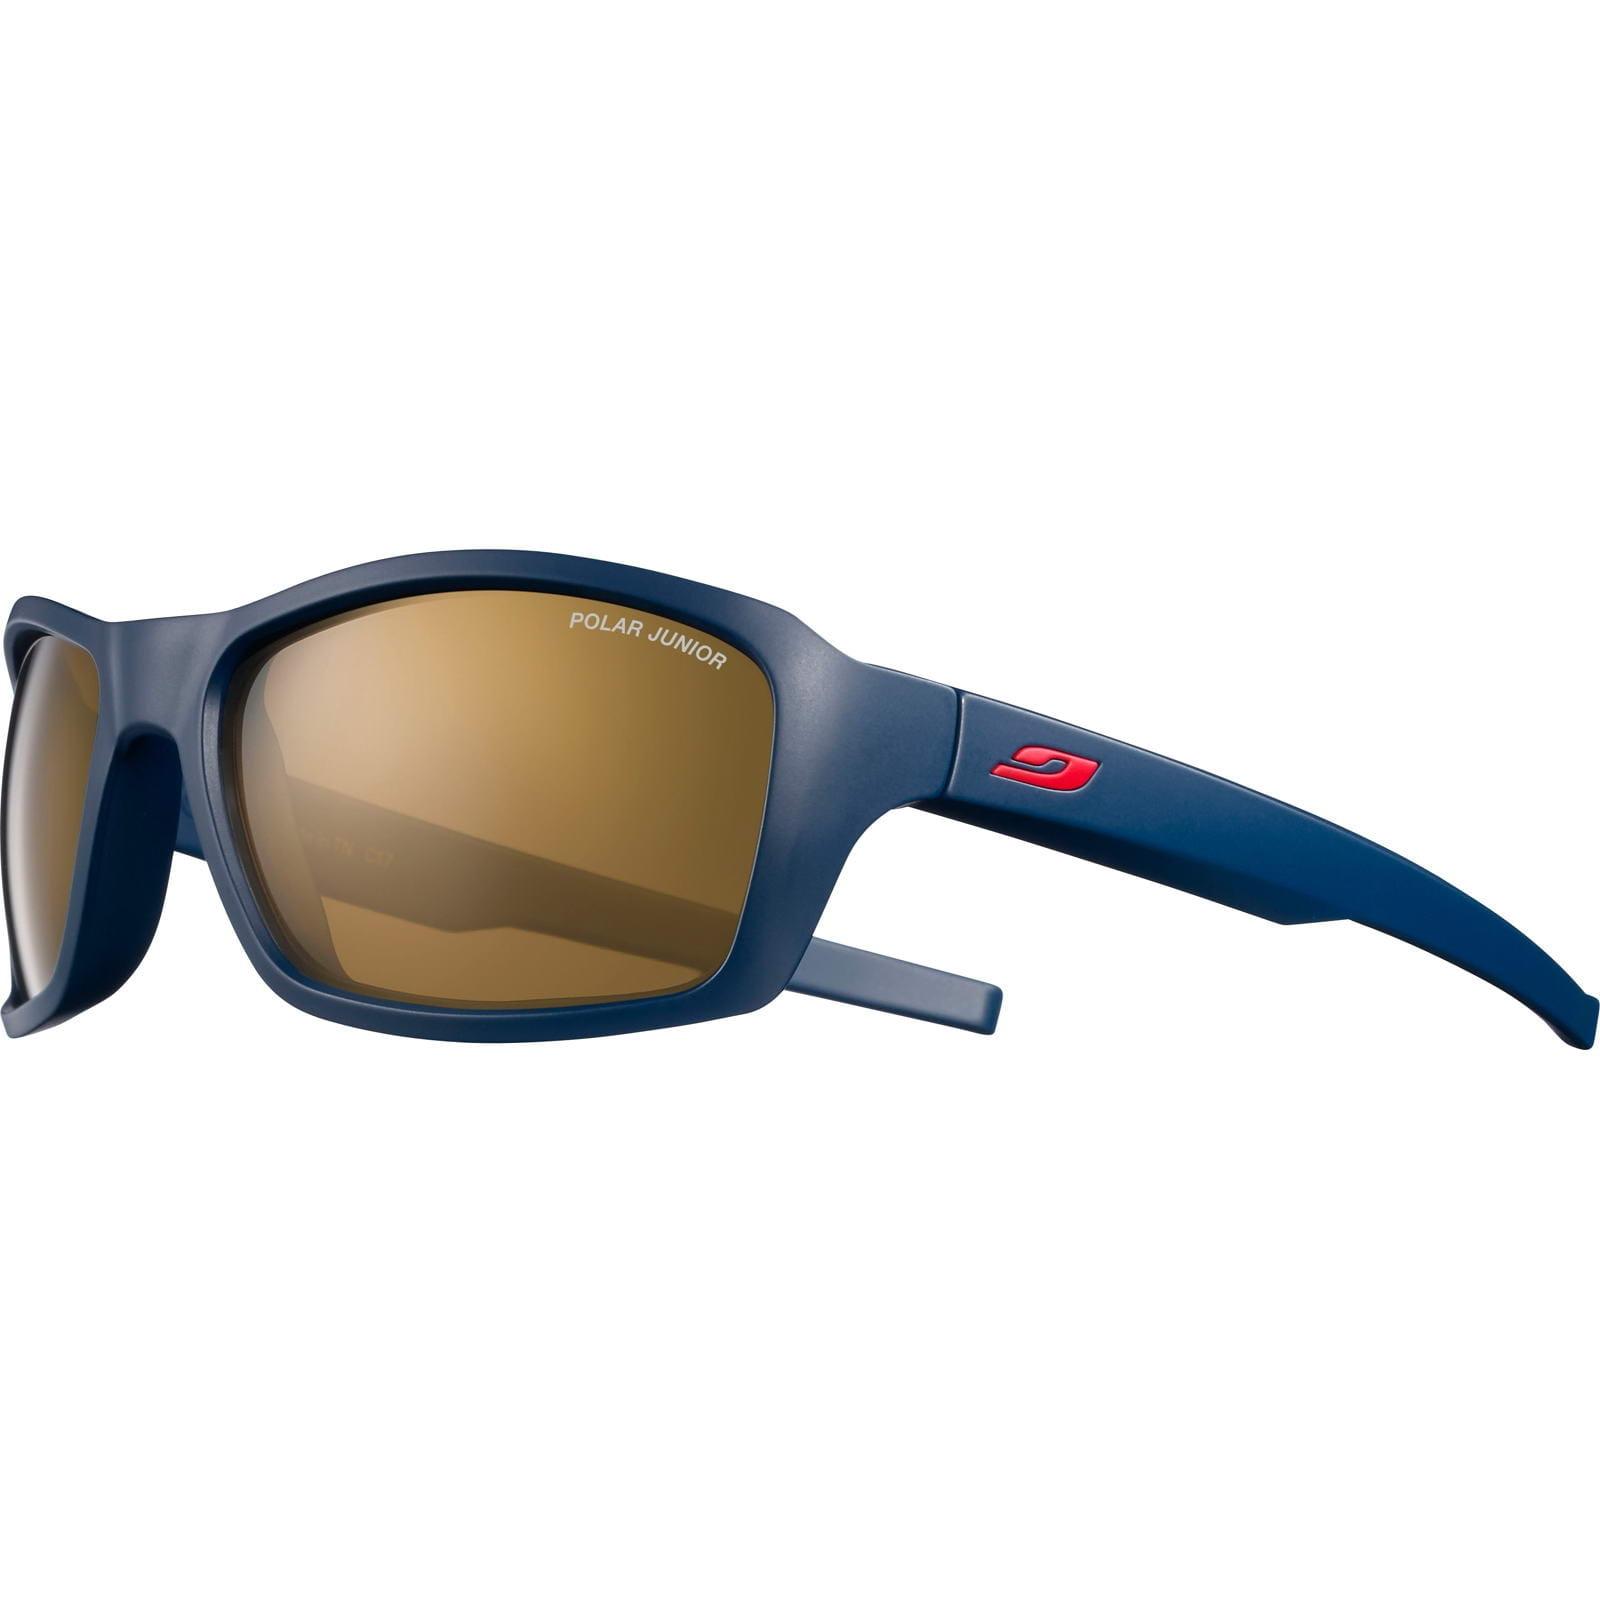 JULBO Extend 2.0 Polar 3 Junior - Sportbrille für Kinder blau matt - Bild 1